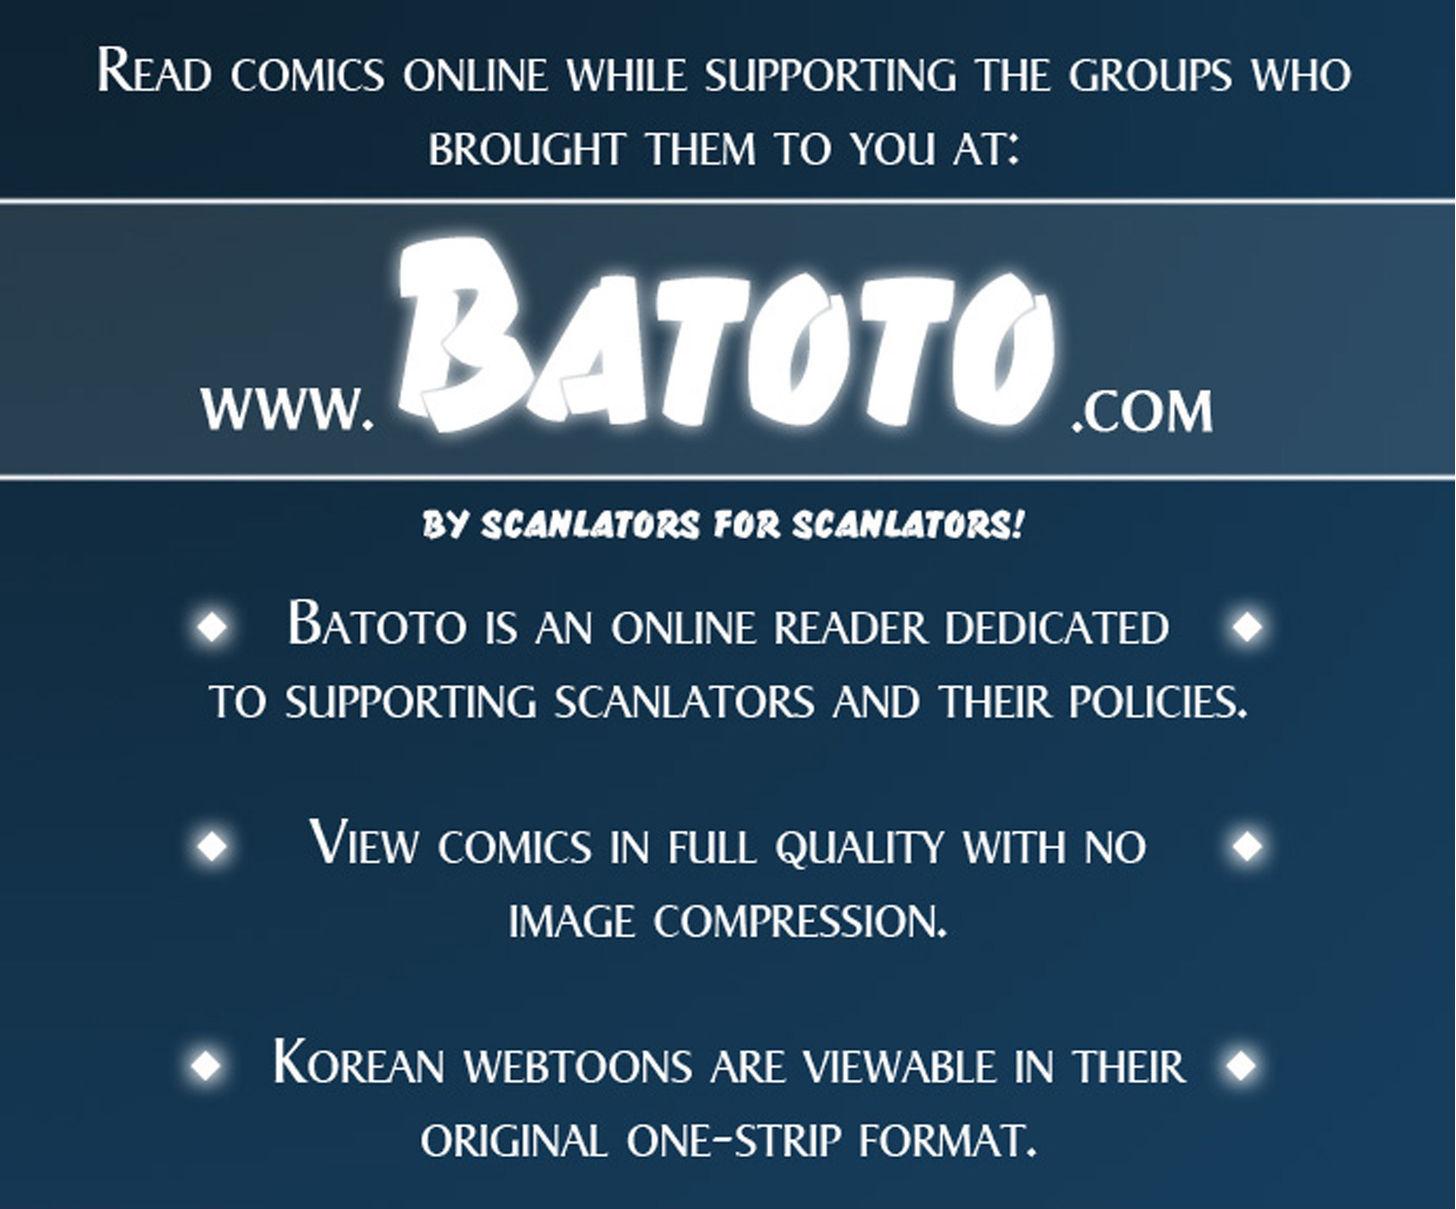 https://im.nineanime.com/comics/pic9/43/171/12734/Kingdom1080611.jpg Page 1